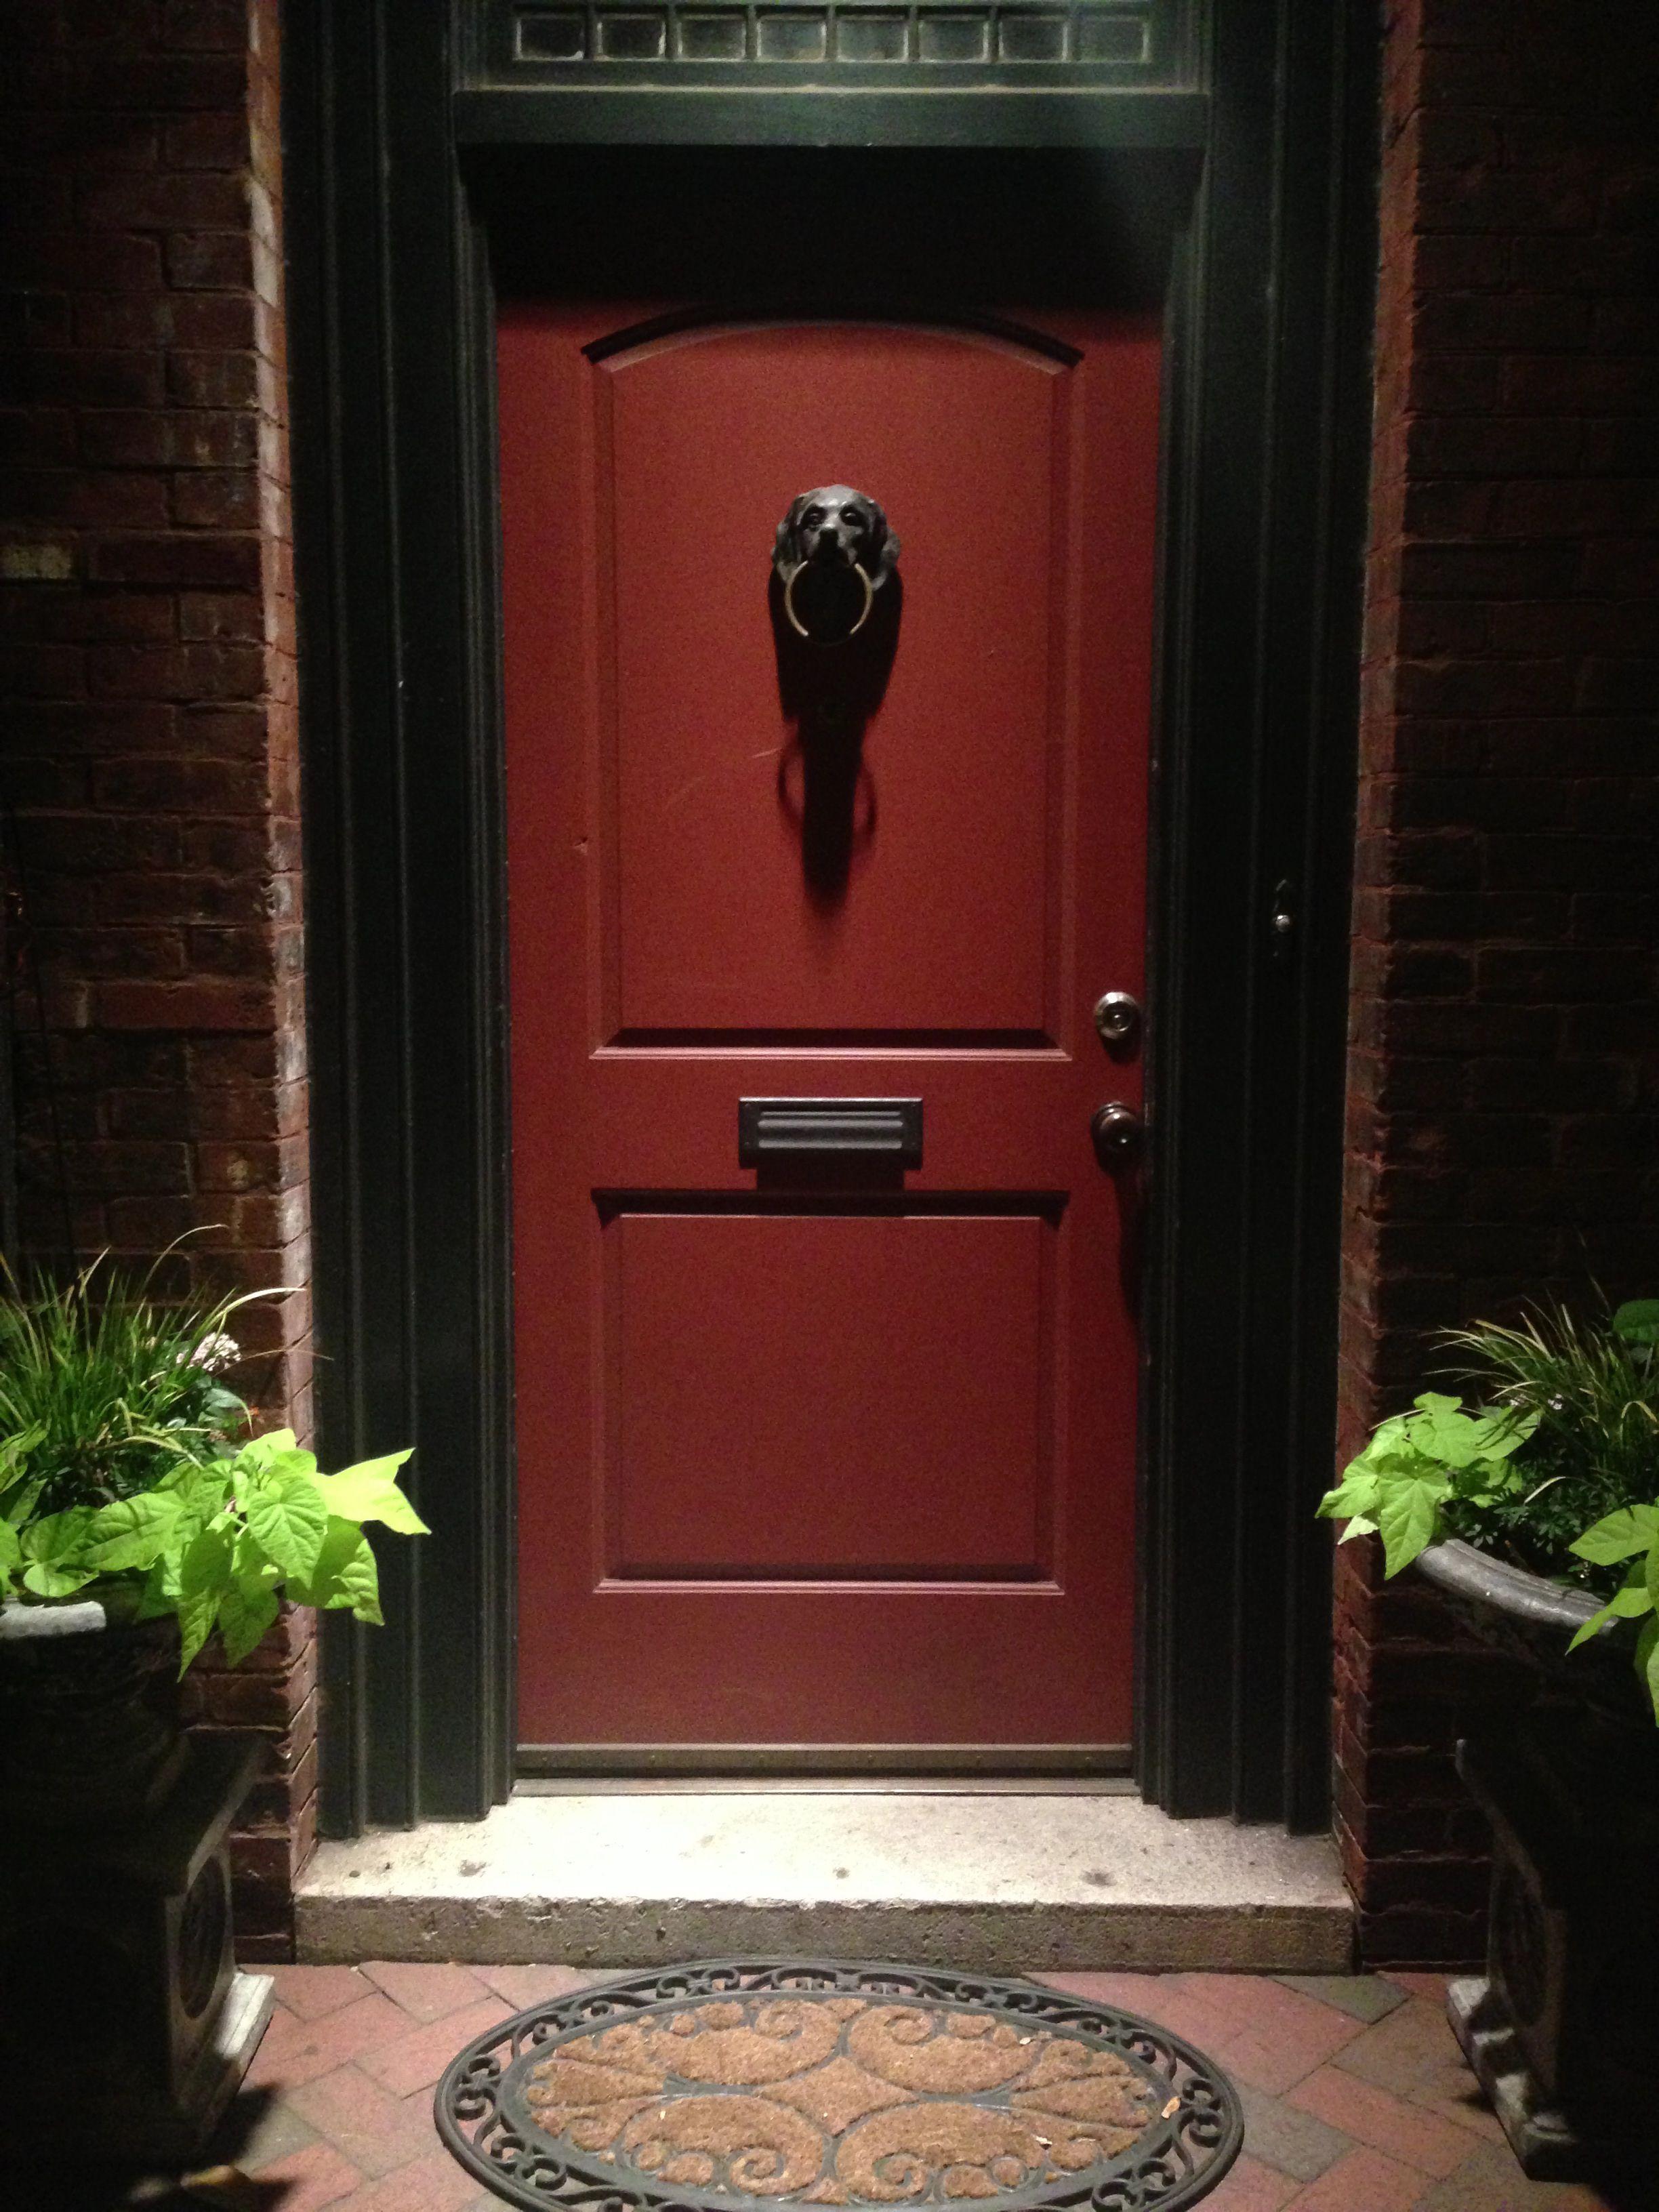 Dog head door detail in savannah, Door detail